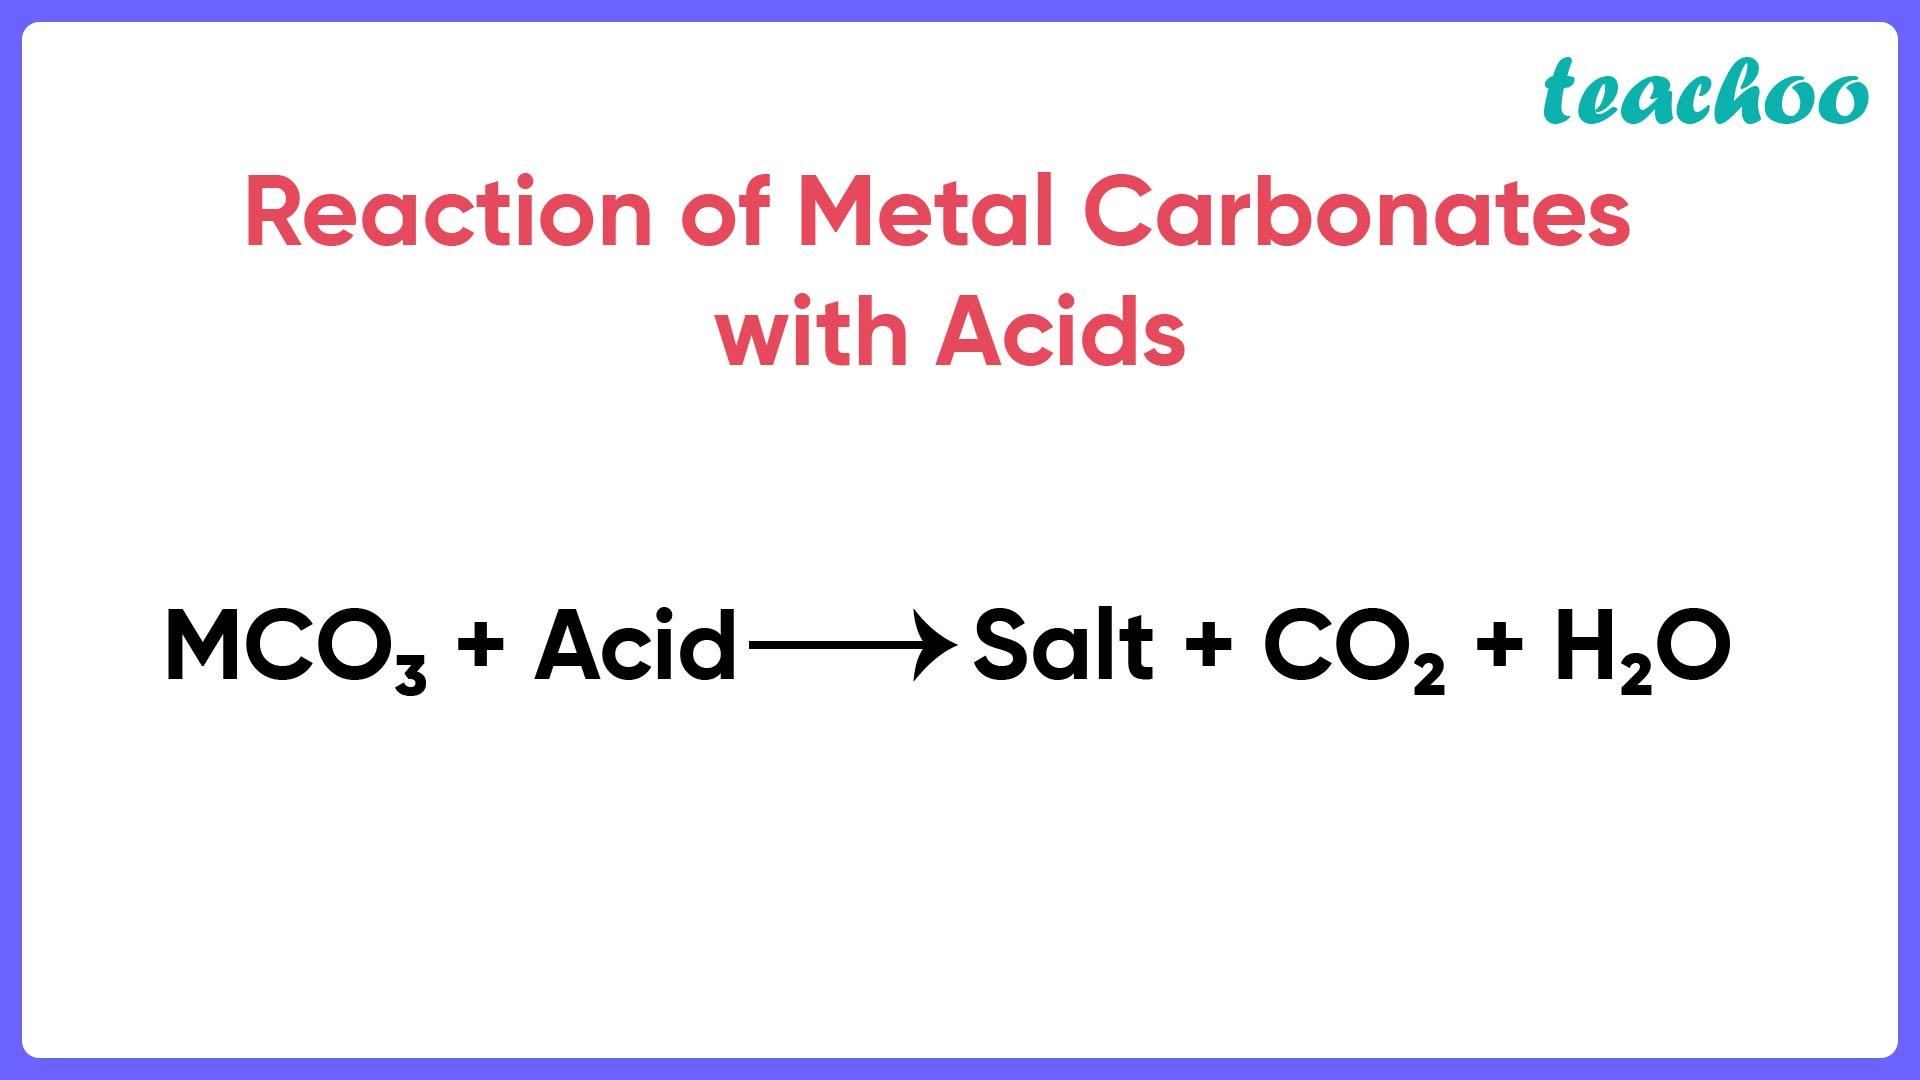 Reaction of Metal Carbonates with Acids - Teachoo.jpg